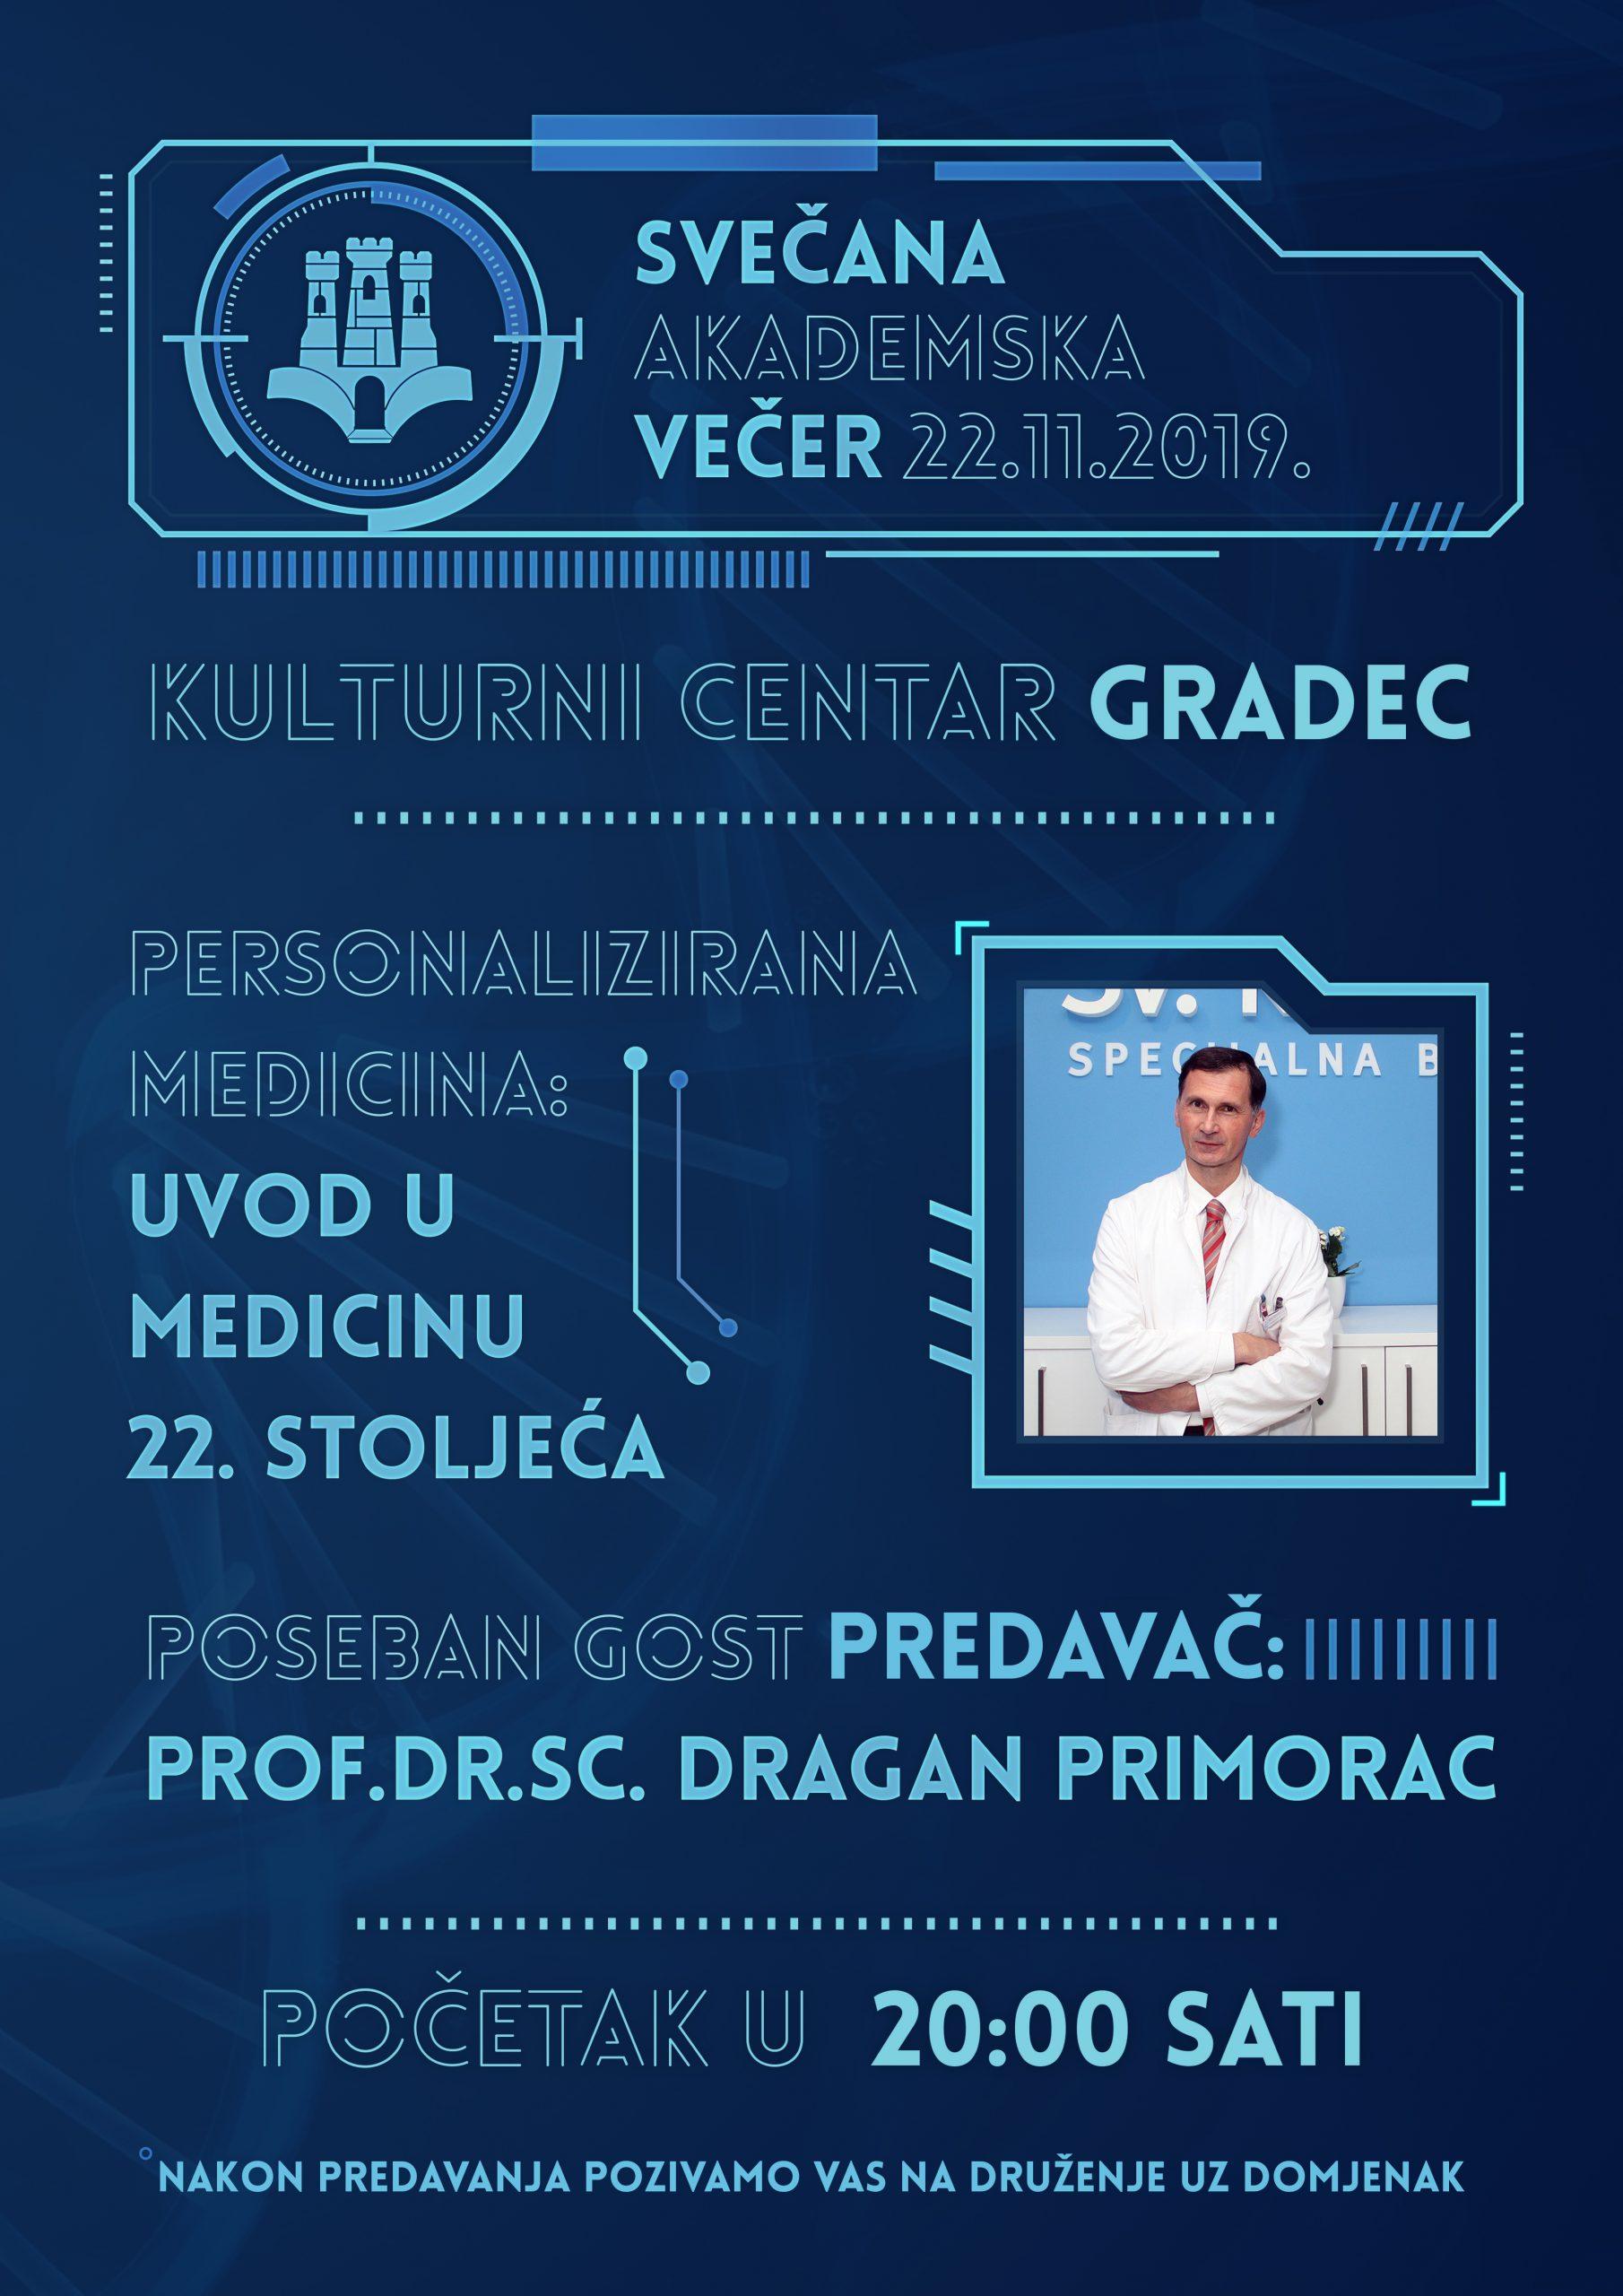 Personalizirana medicina: Uvod u medicinu 22. stoljeća